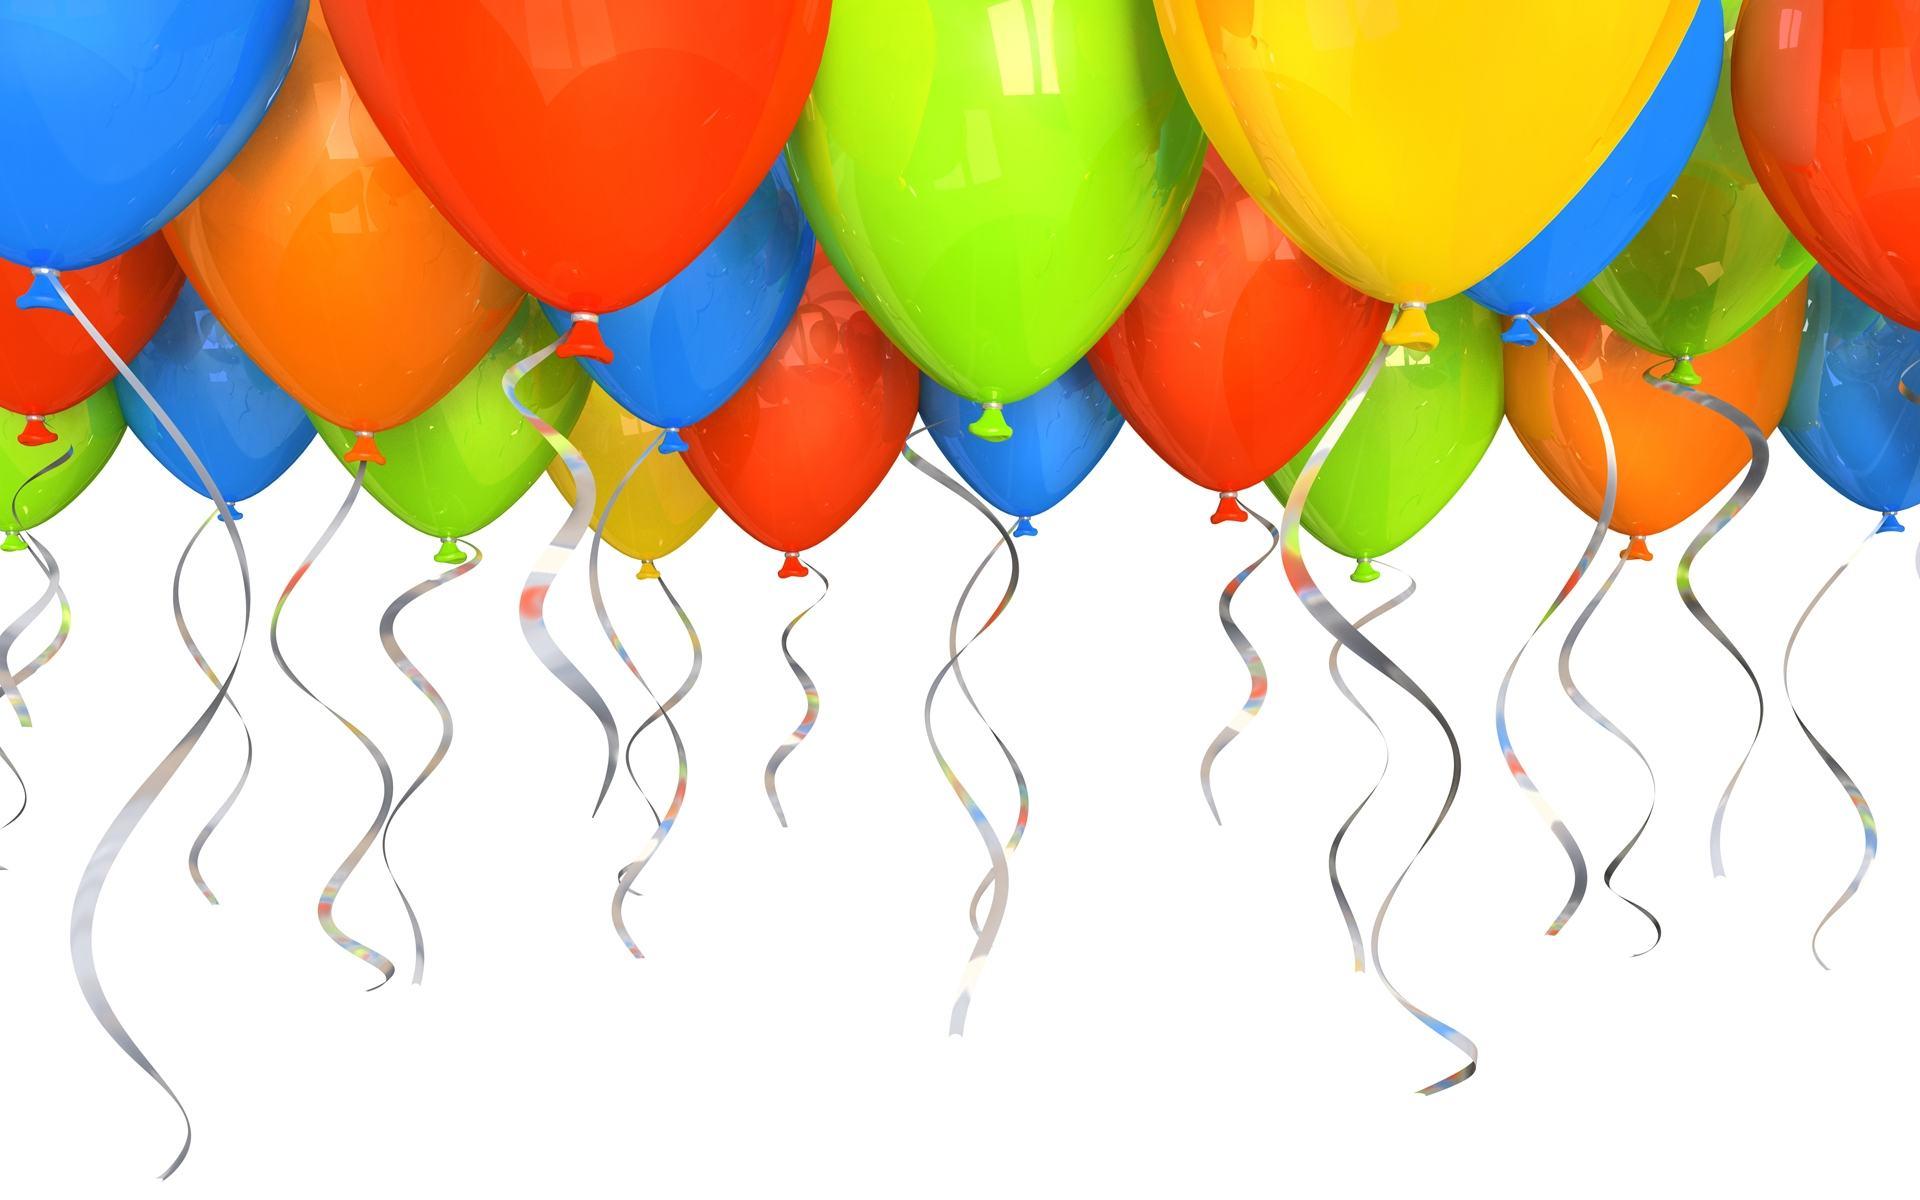 Скачать обои шарики на день рождения